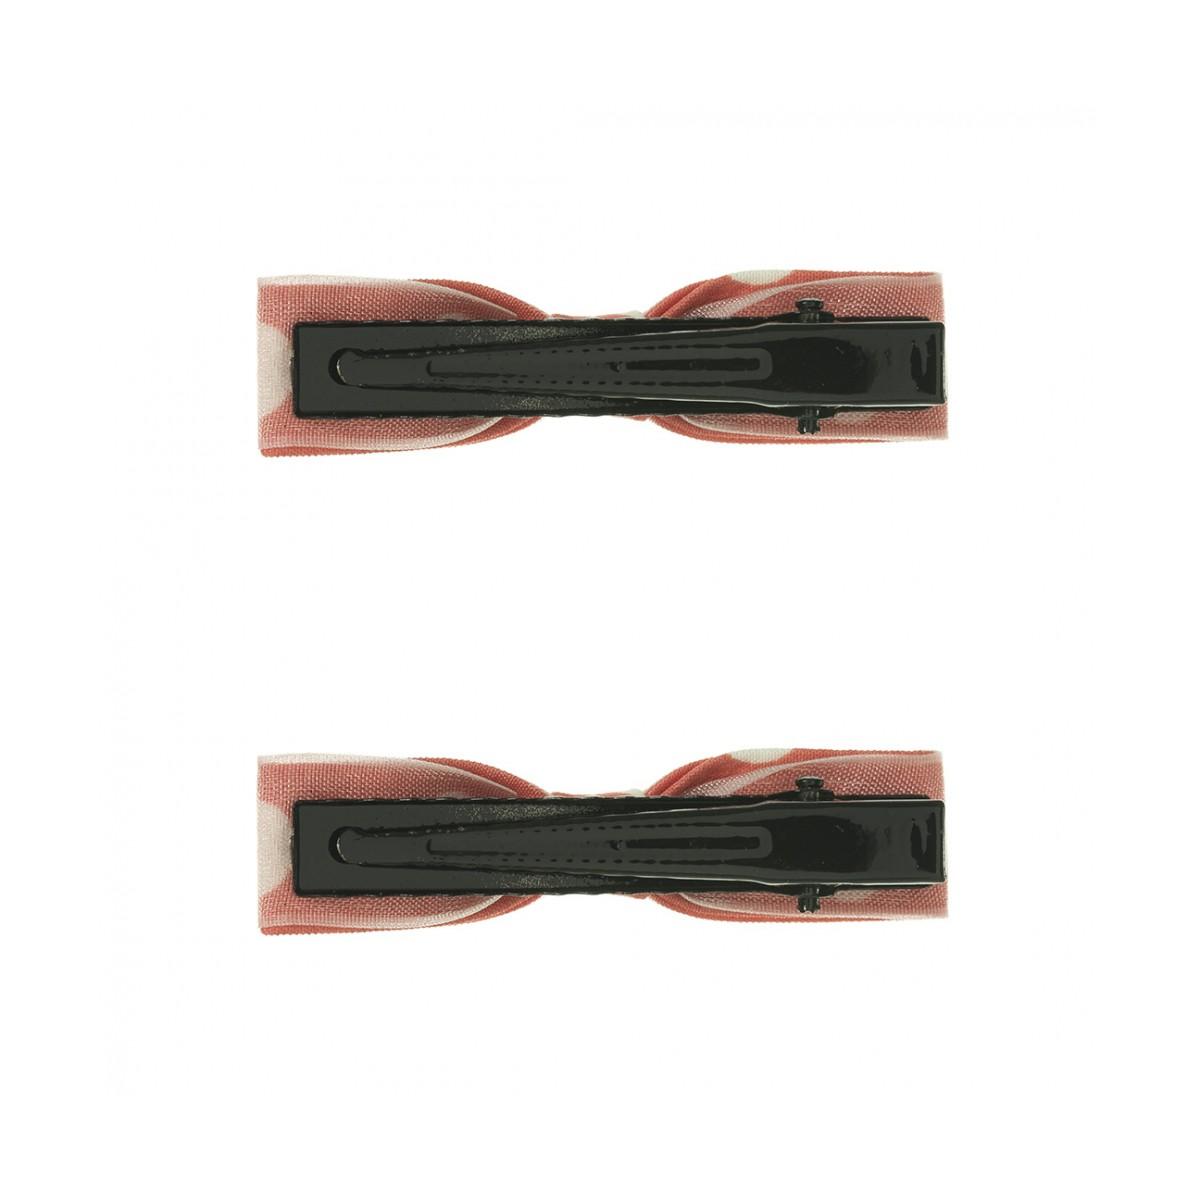 Spinka do włosów 130277-6 (2szt)